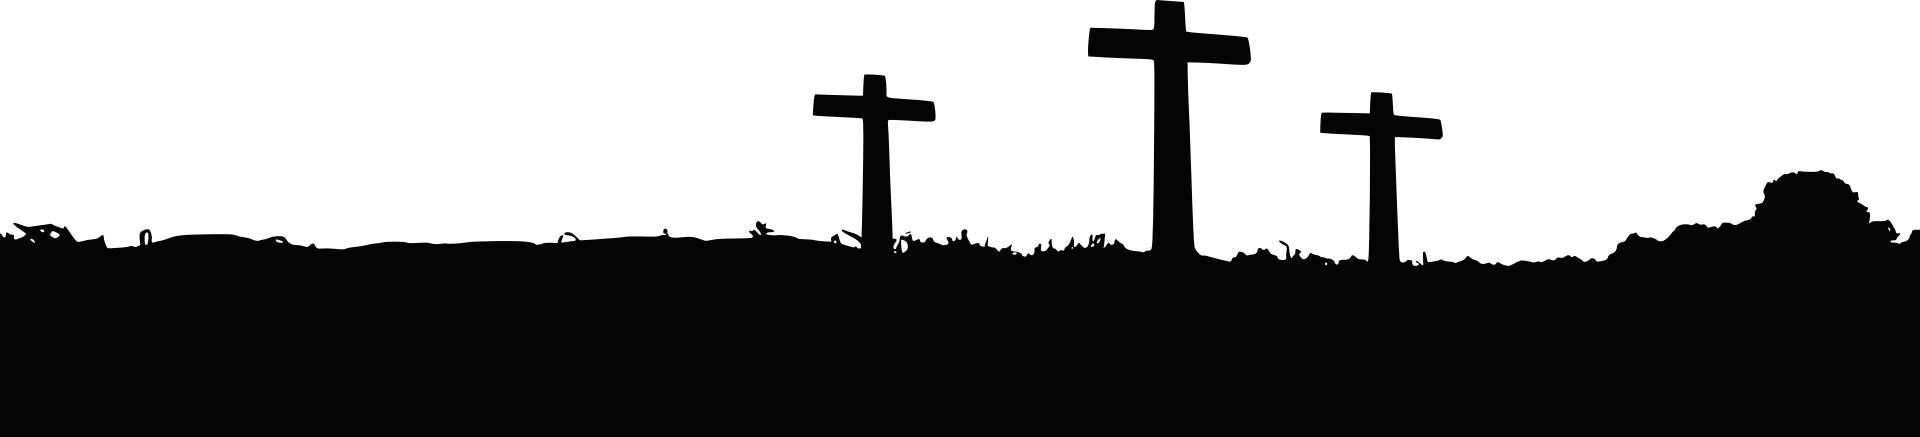 1920x437 3 Crosses Silhouette Landscape Clipart